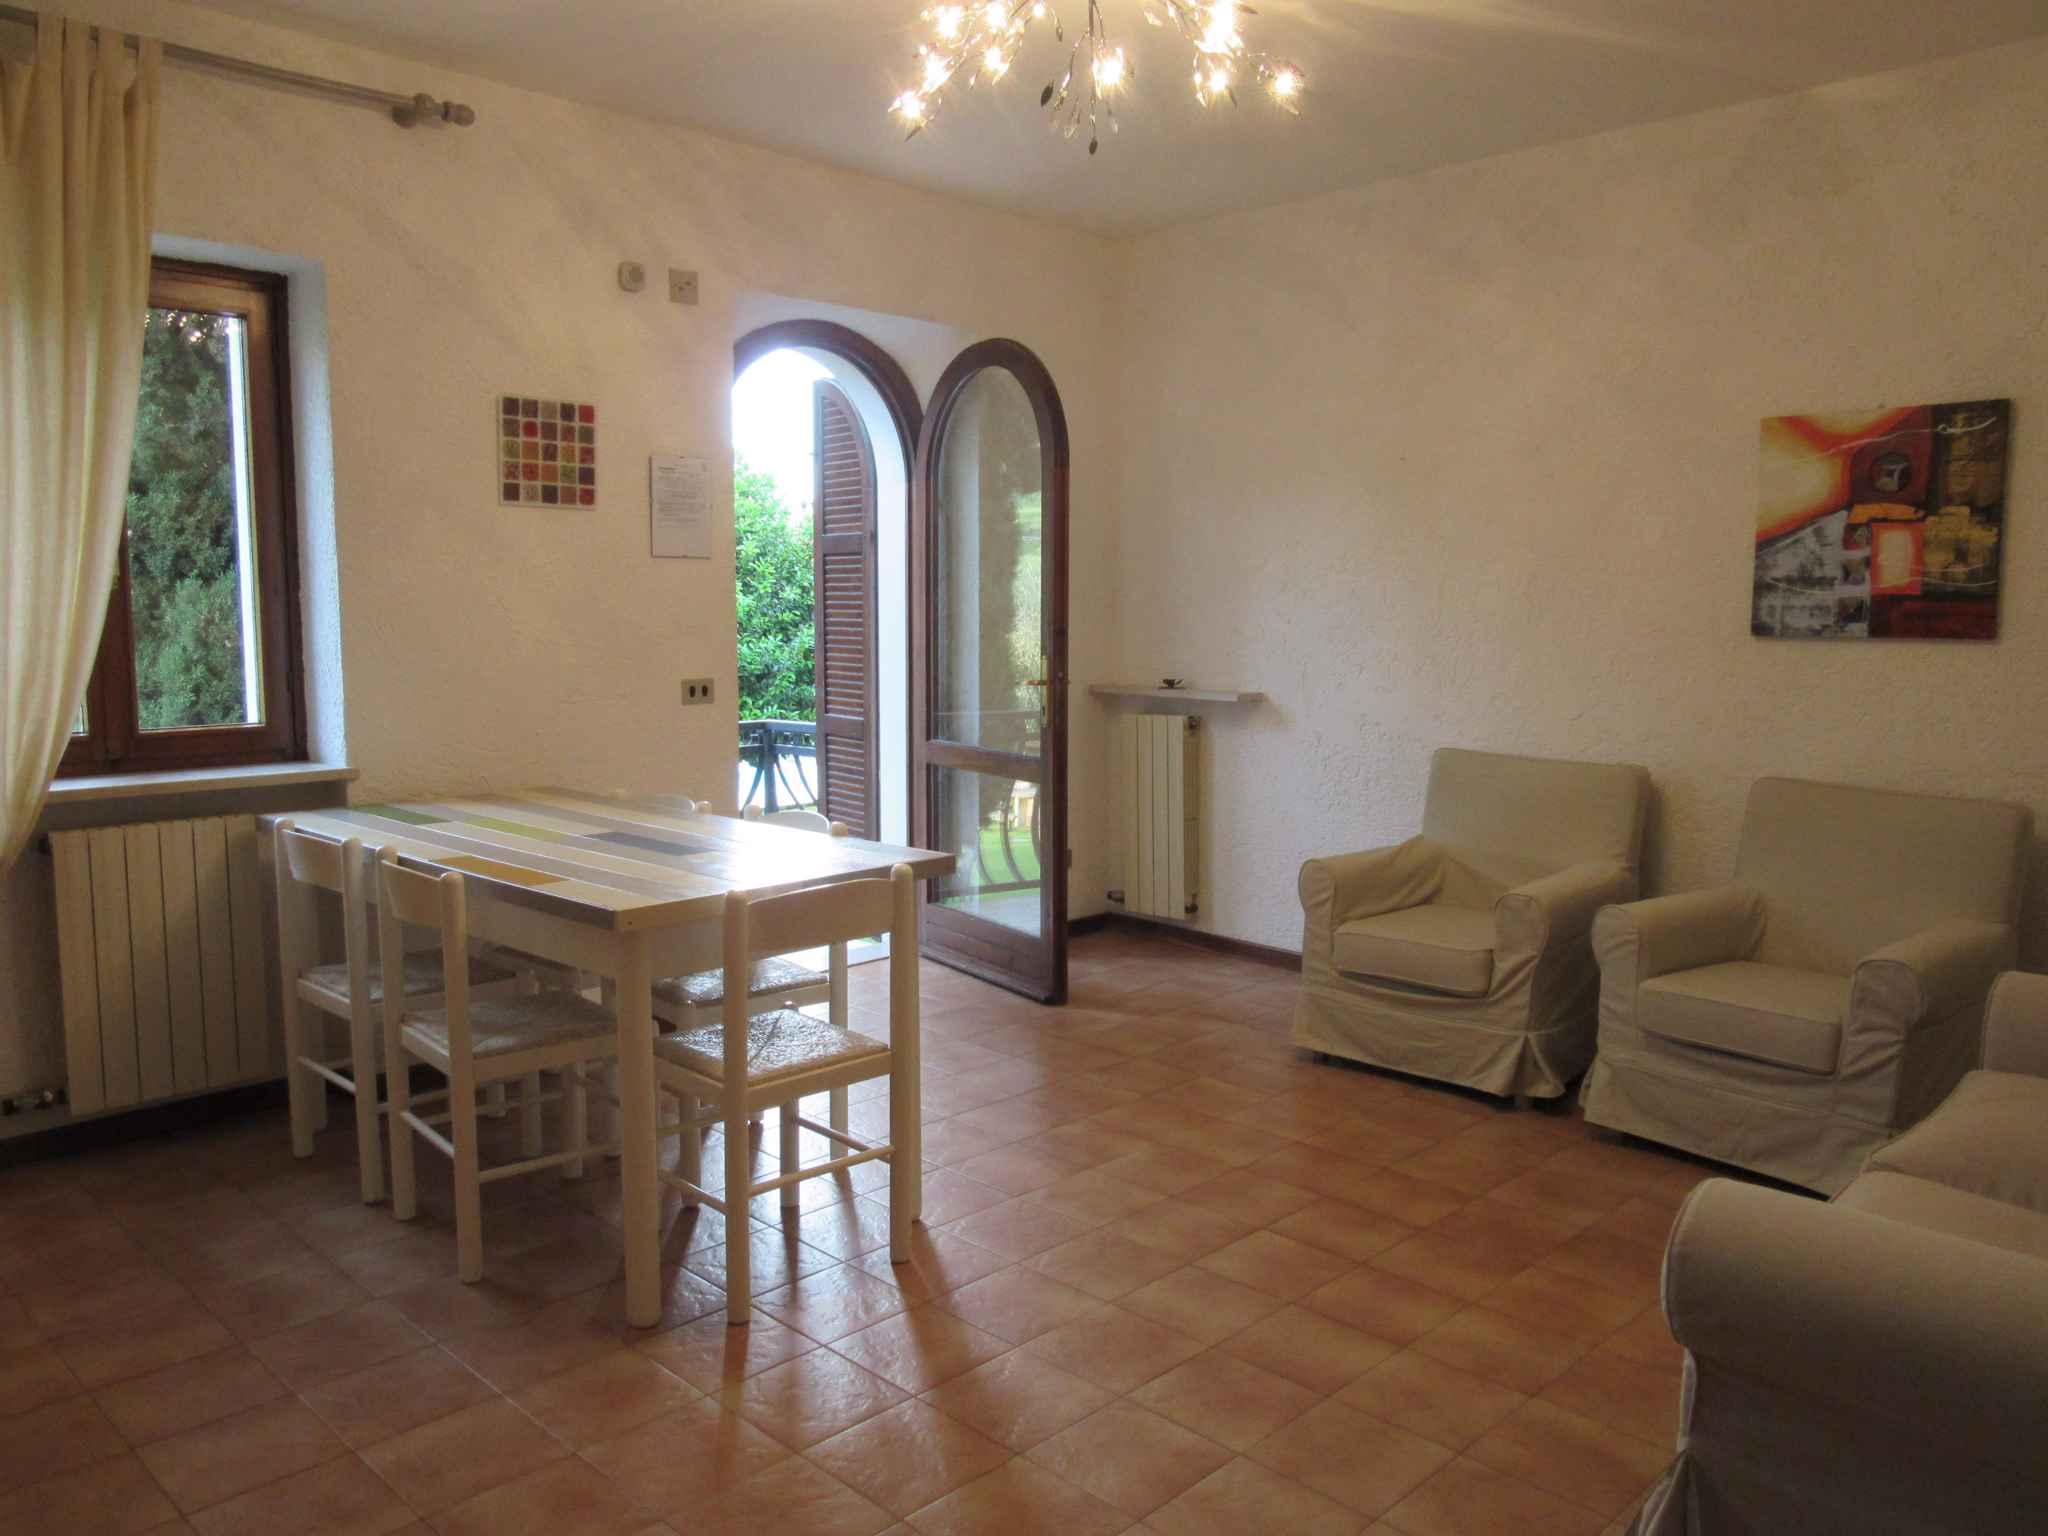 Ferienwohnung Residenz Rustico (279544), Garda, Gardasee, Venetien, Italien, Bild 22